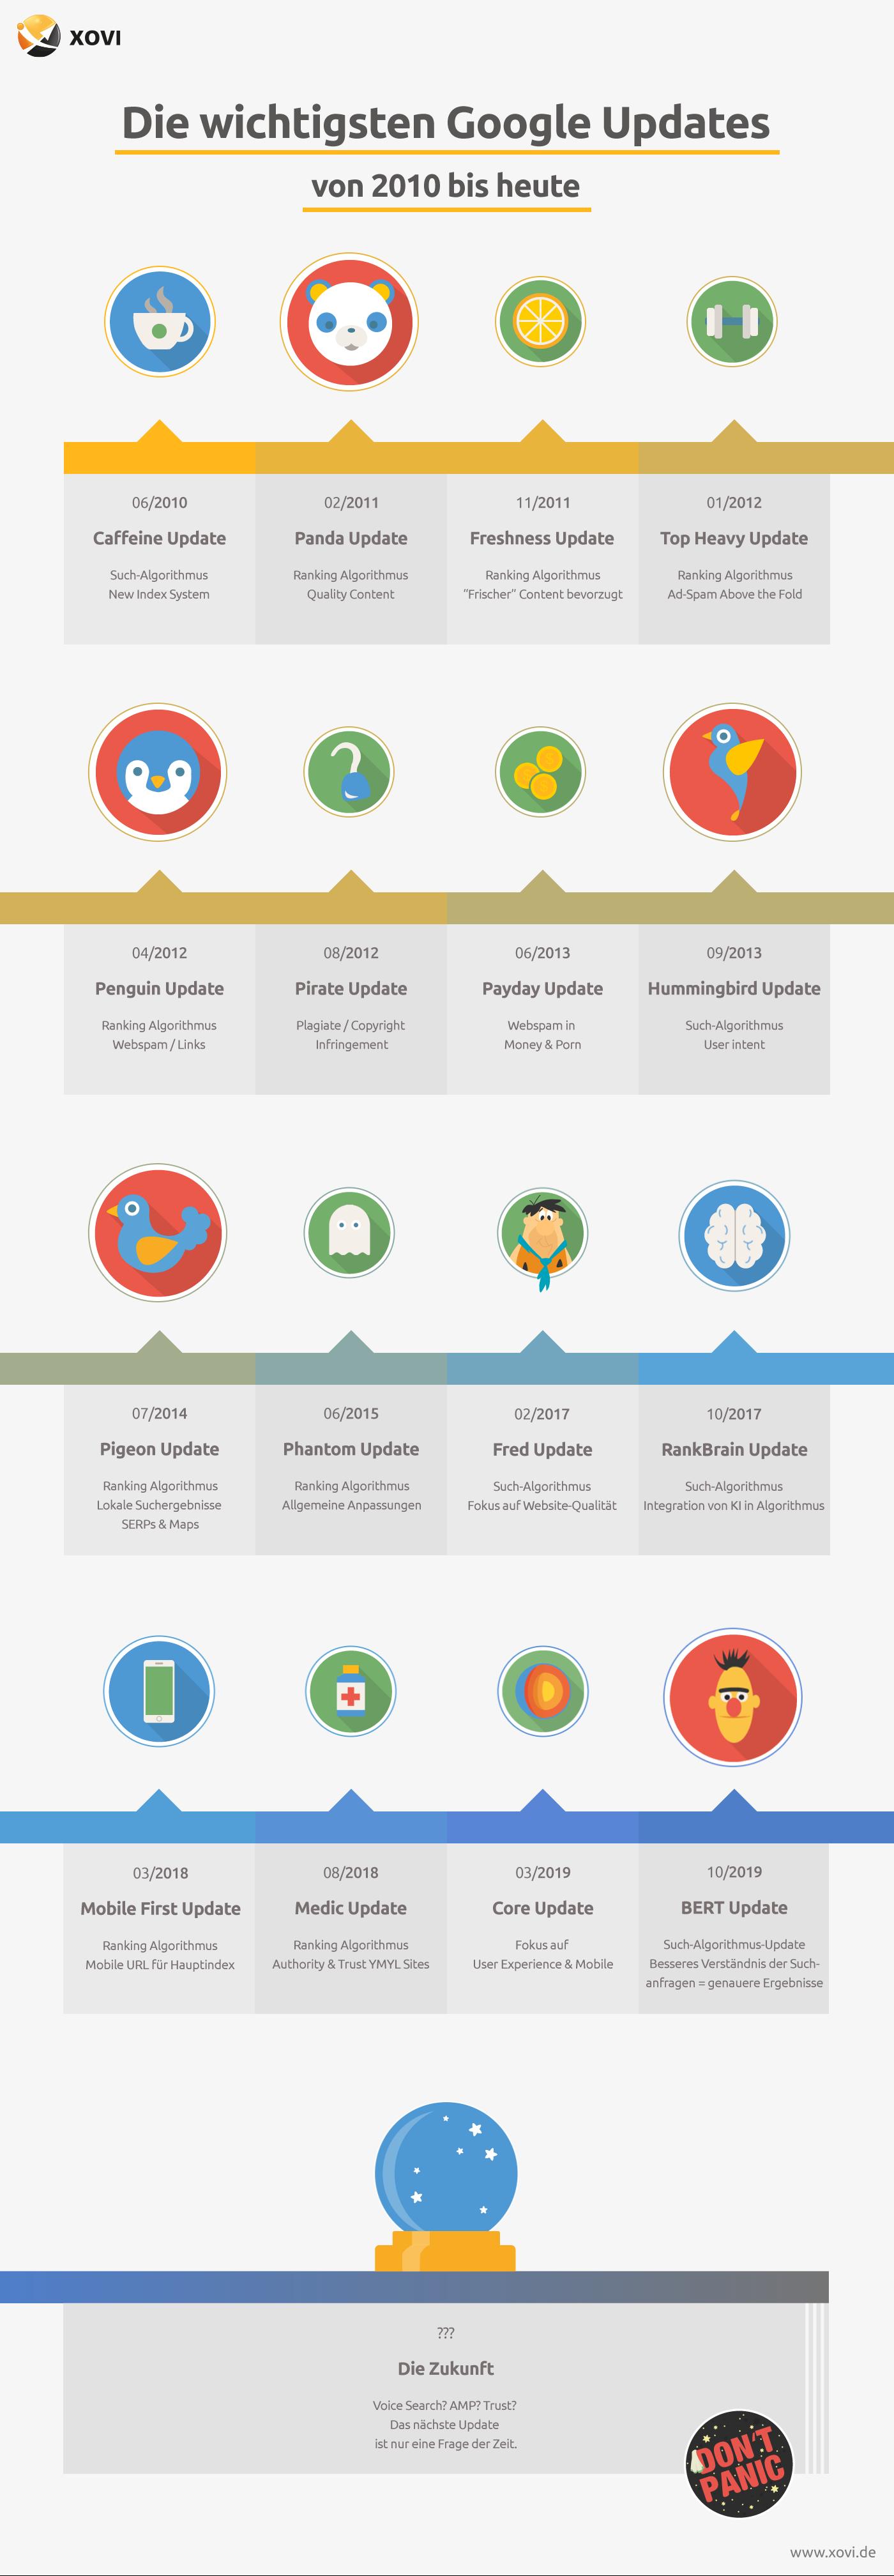 Timeline Übersicht aller großen Google Updates von 2011 bis heute